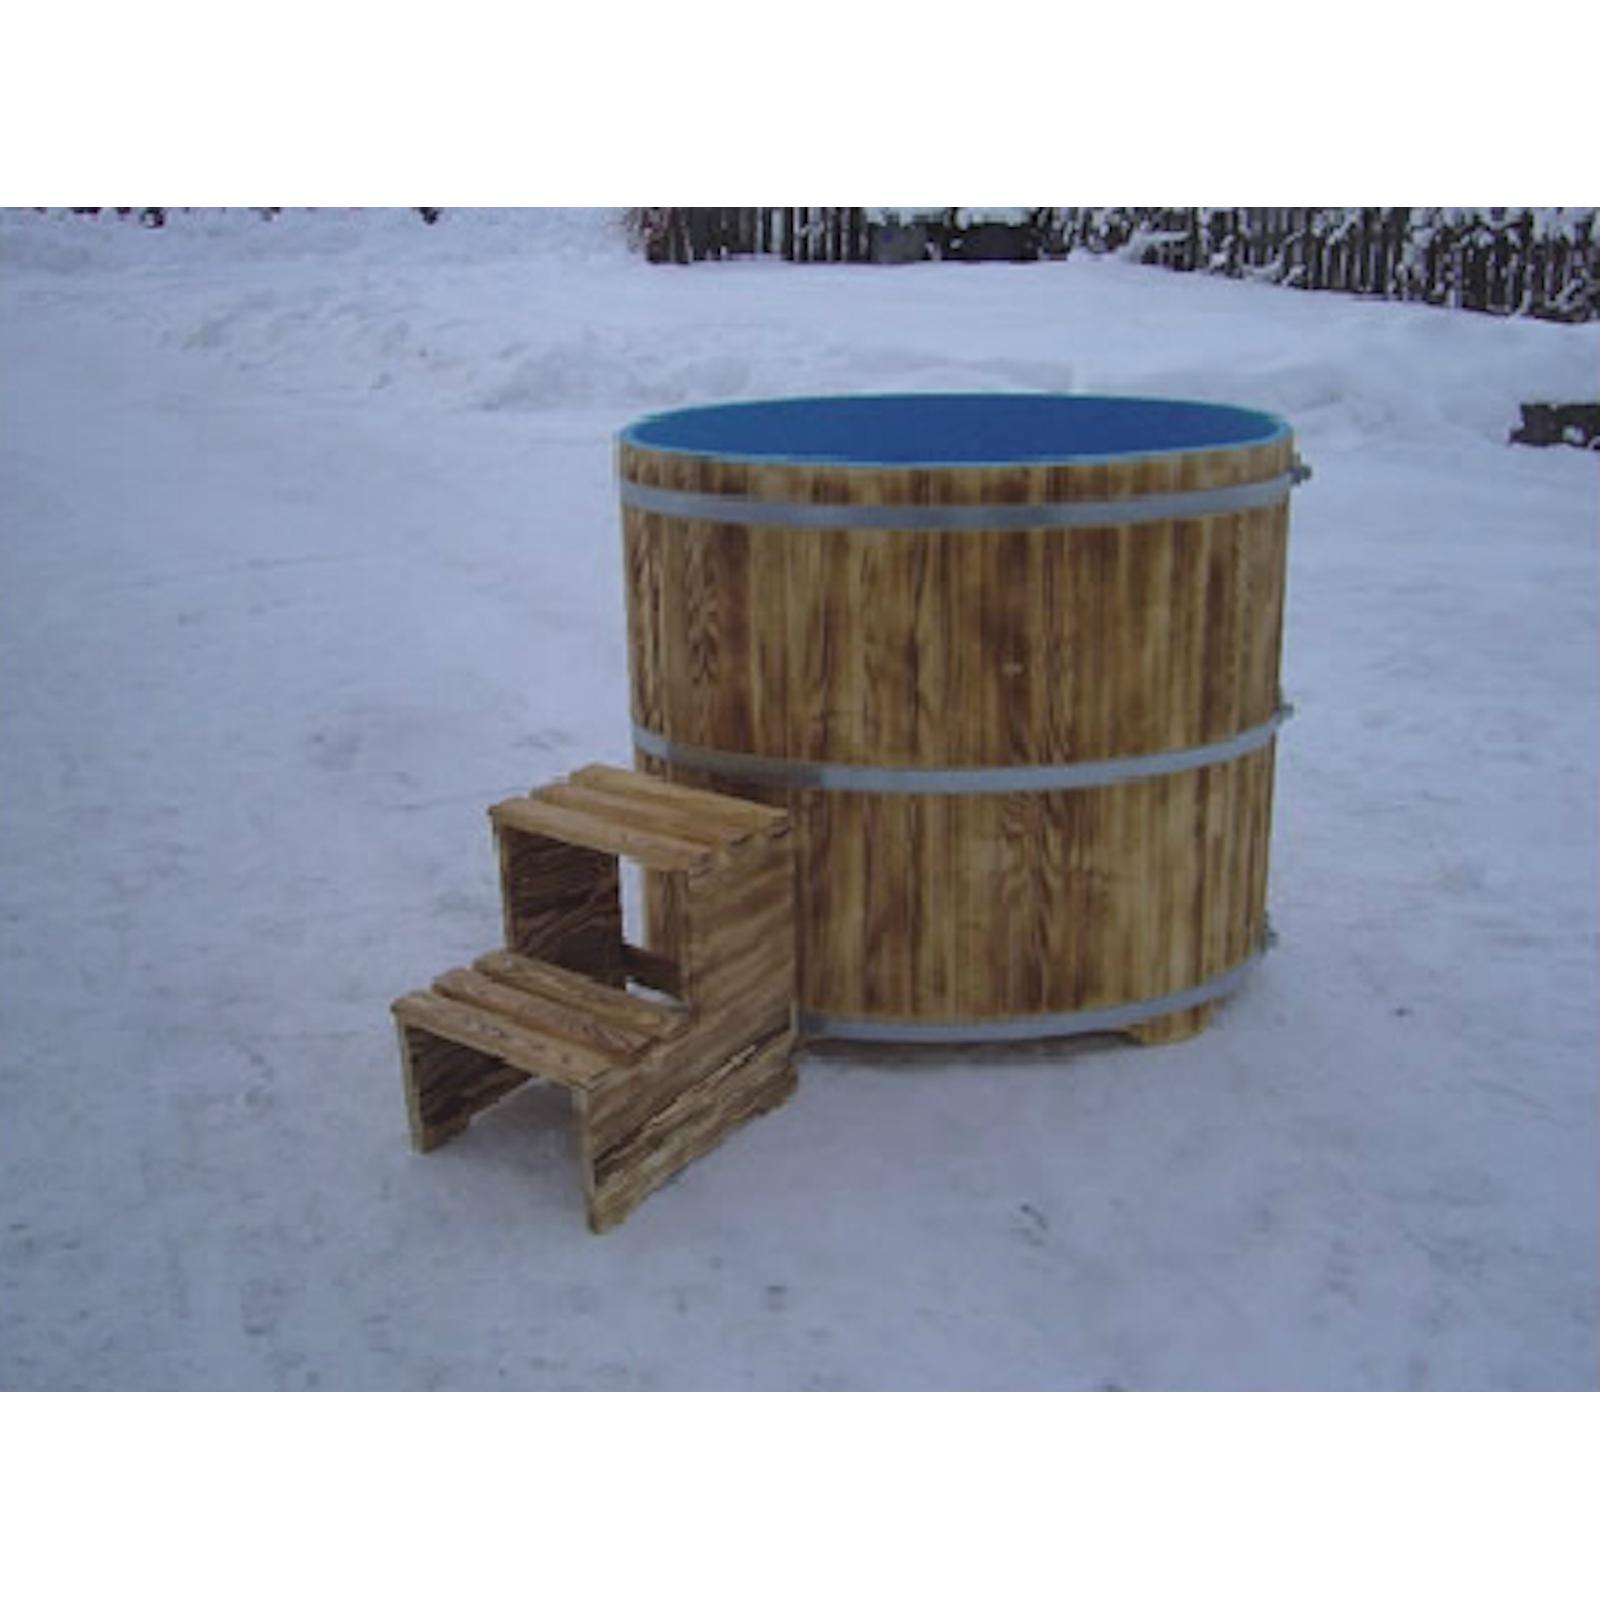 Sauna Tauchbecken Aus Fichtenholz Außen Geflammt Innen Blau